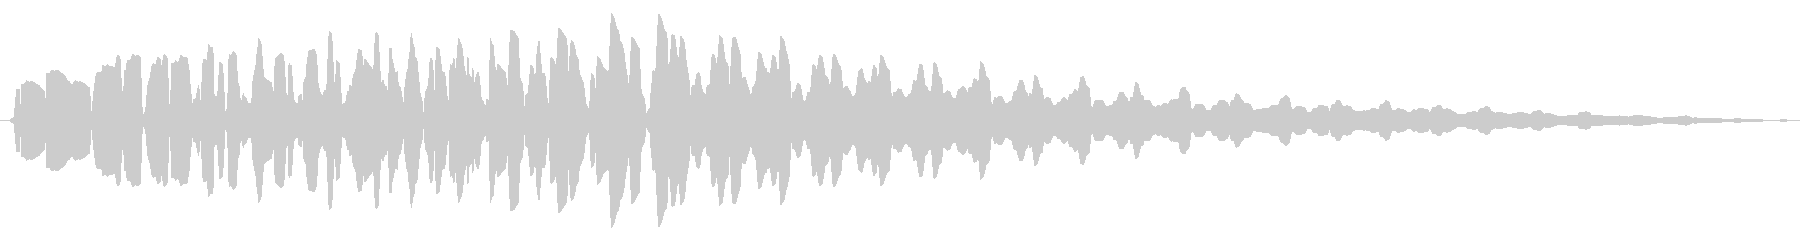 ファミコン風_ 魔法音2の未再生の波形